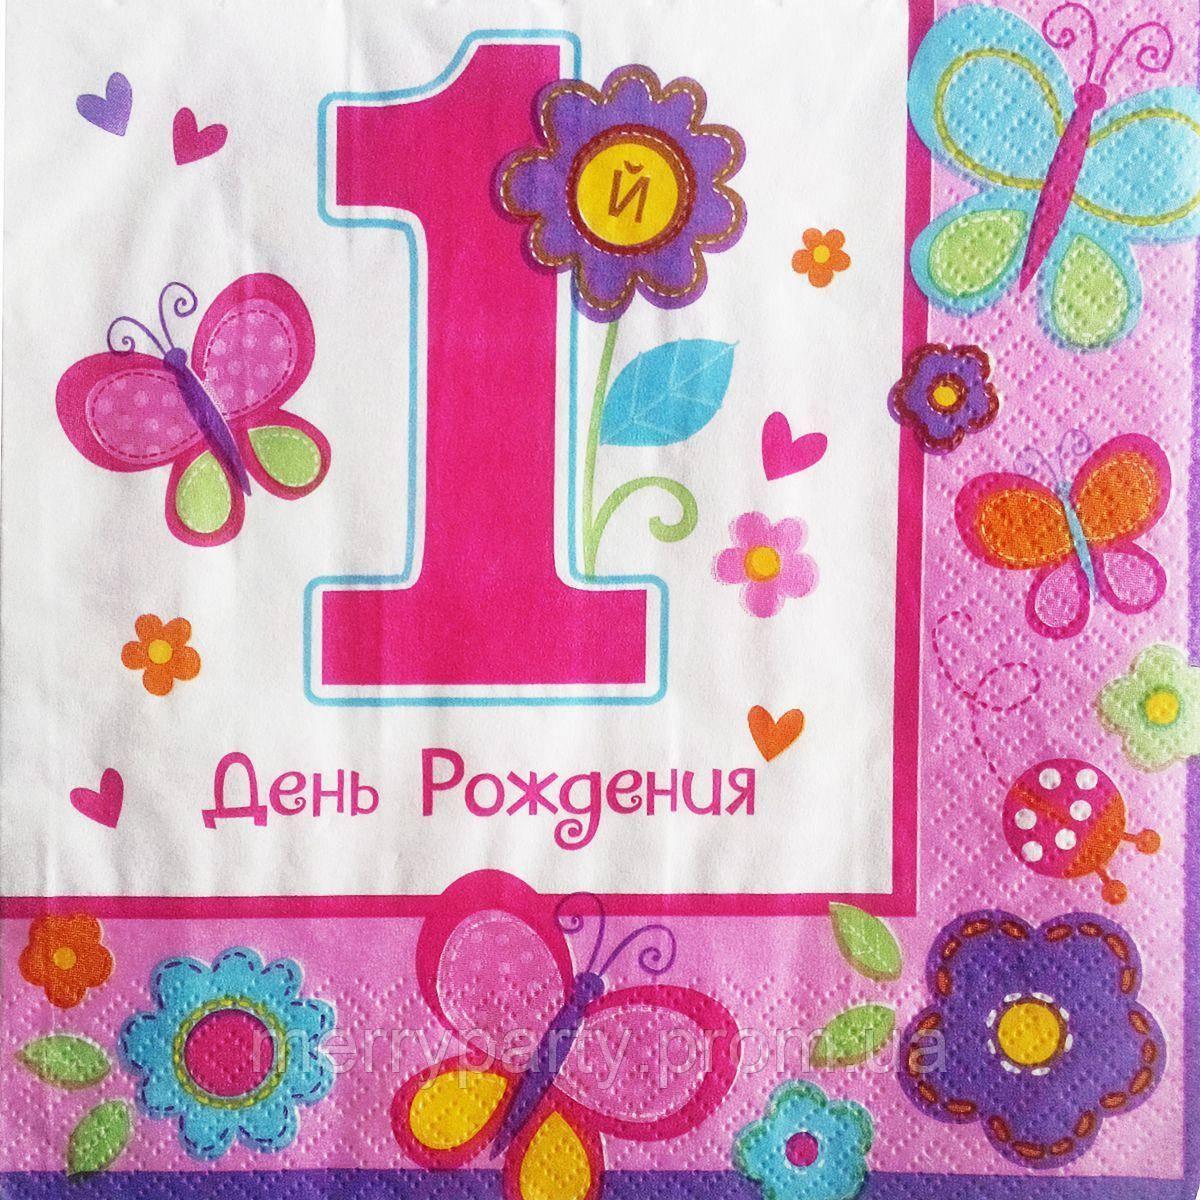 16 шт./уп. Салфетки 1-й День рождения девочка двухслойные с перфорацией США